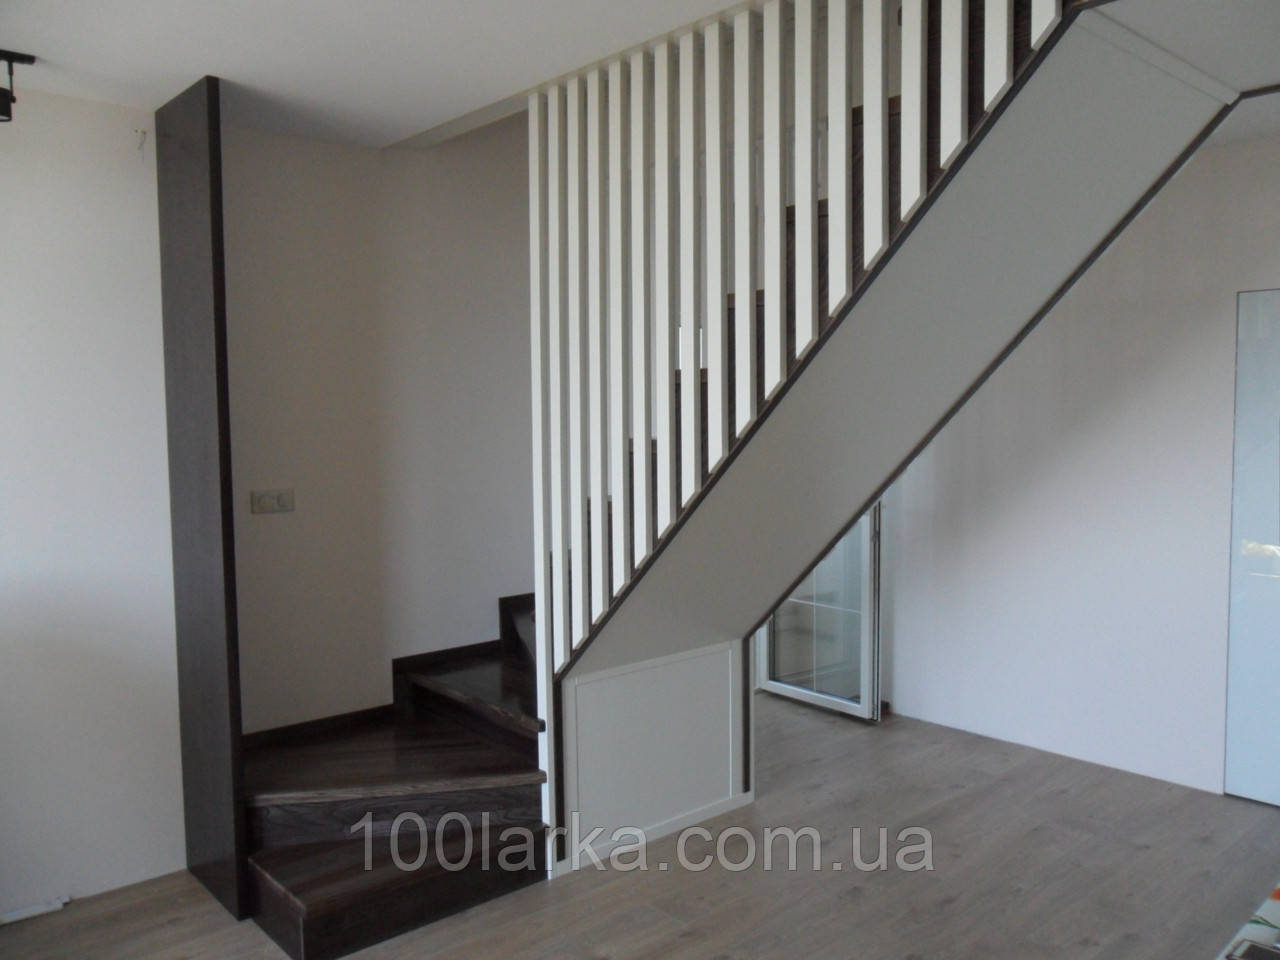 Деревянные лестницы на заказ в Киеве